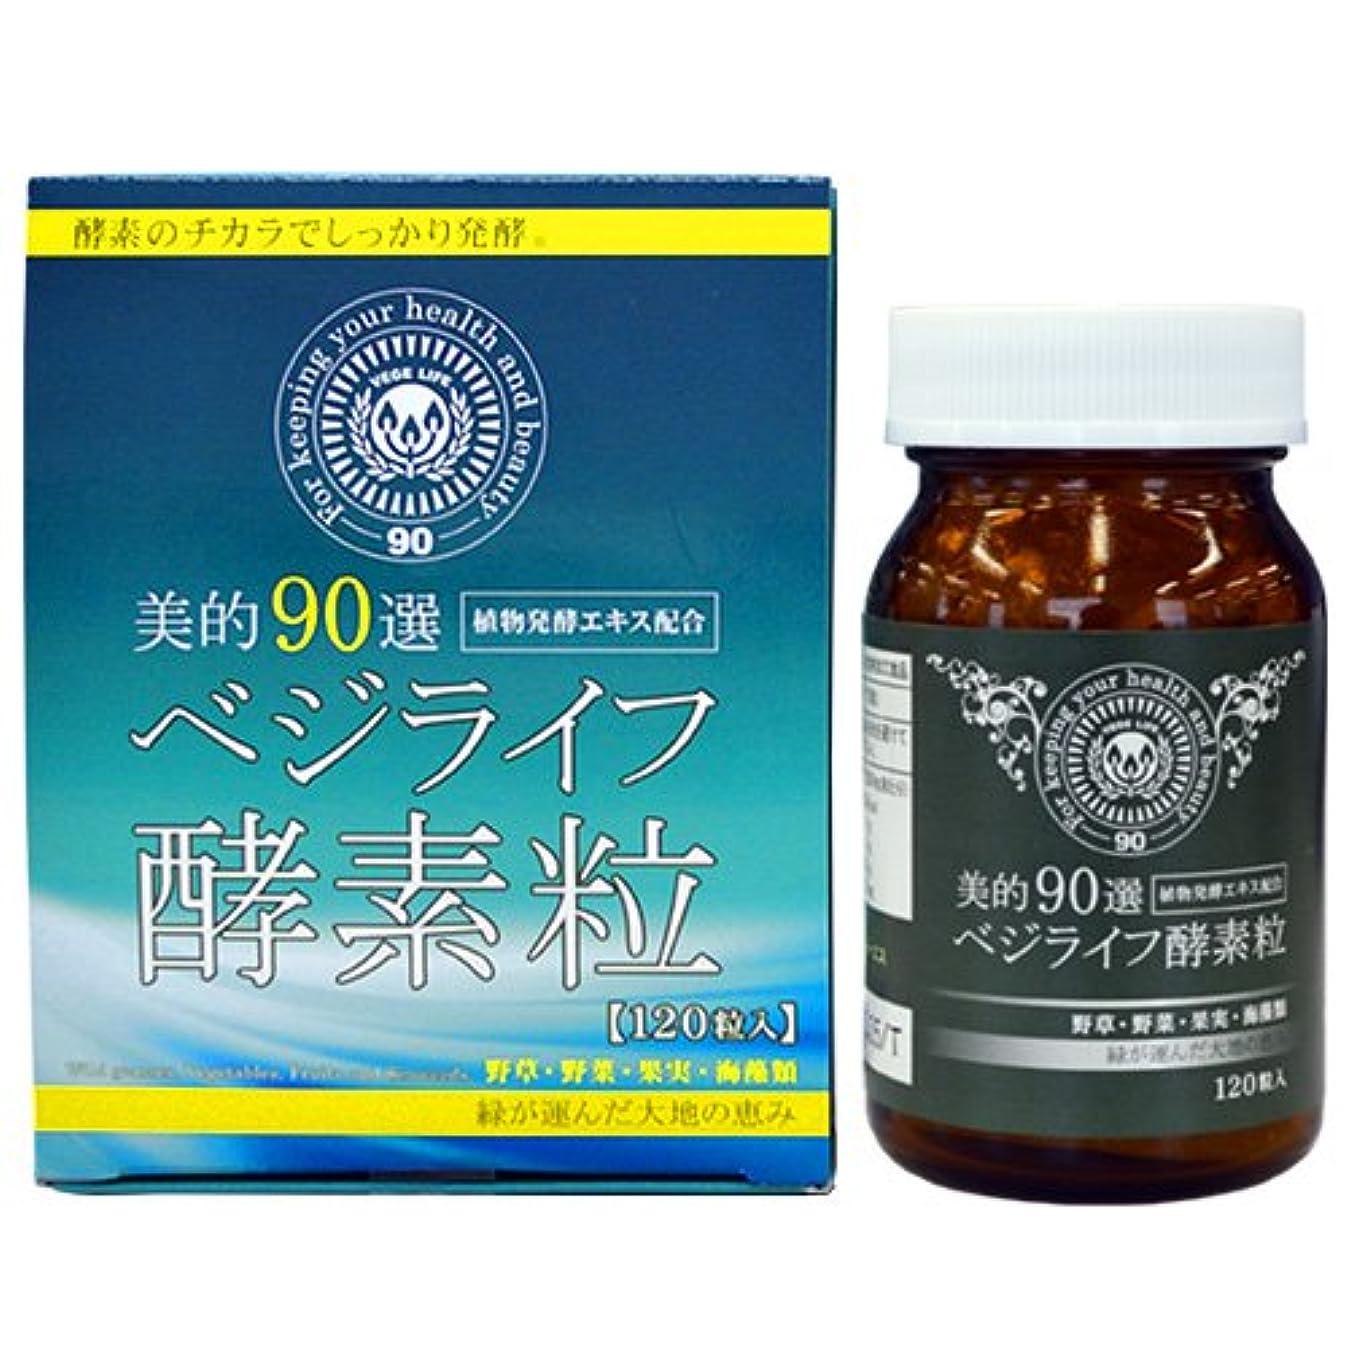 メガロポリス活気づく運命植物発酵エキス配合 美的90選ベジライフ酵素粒(120粒入り)